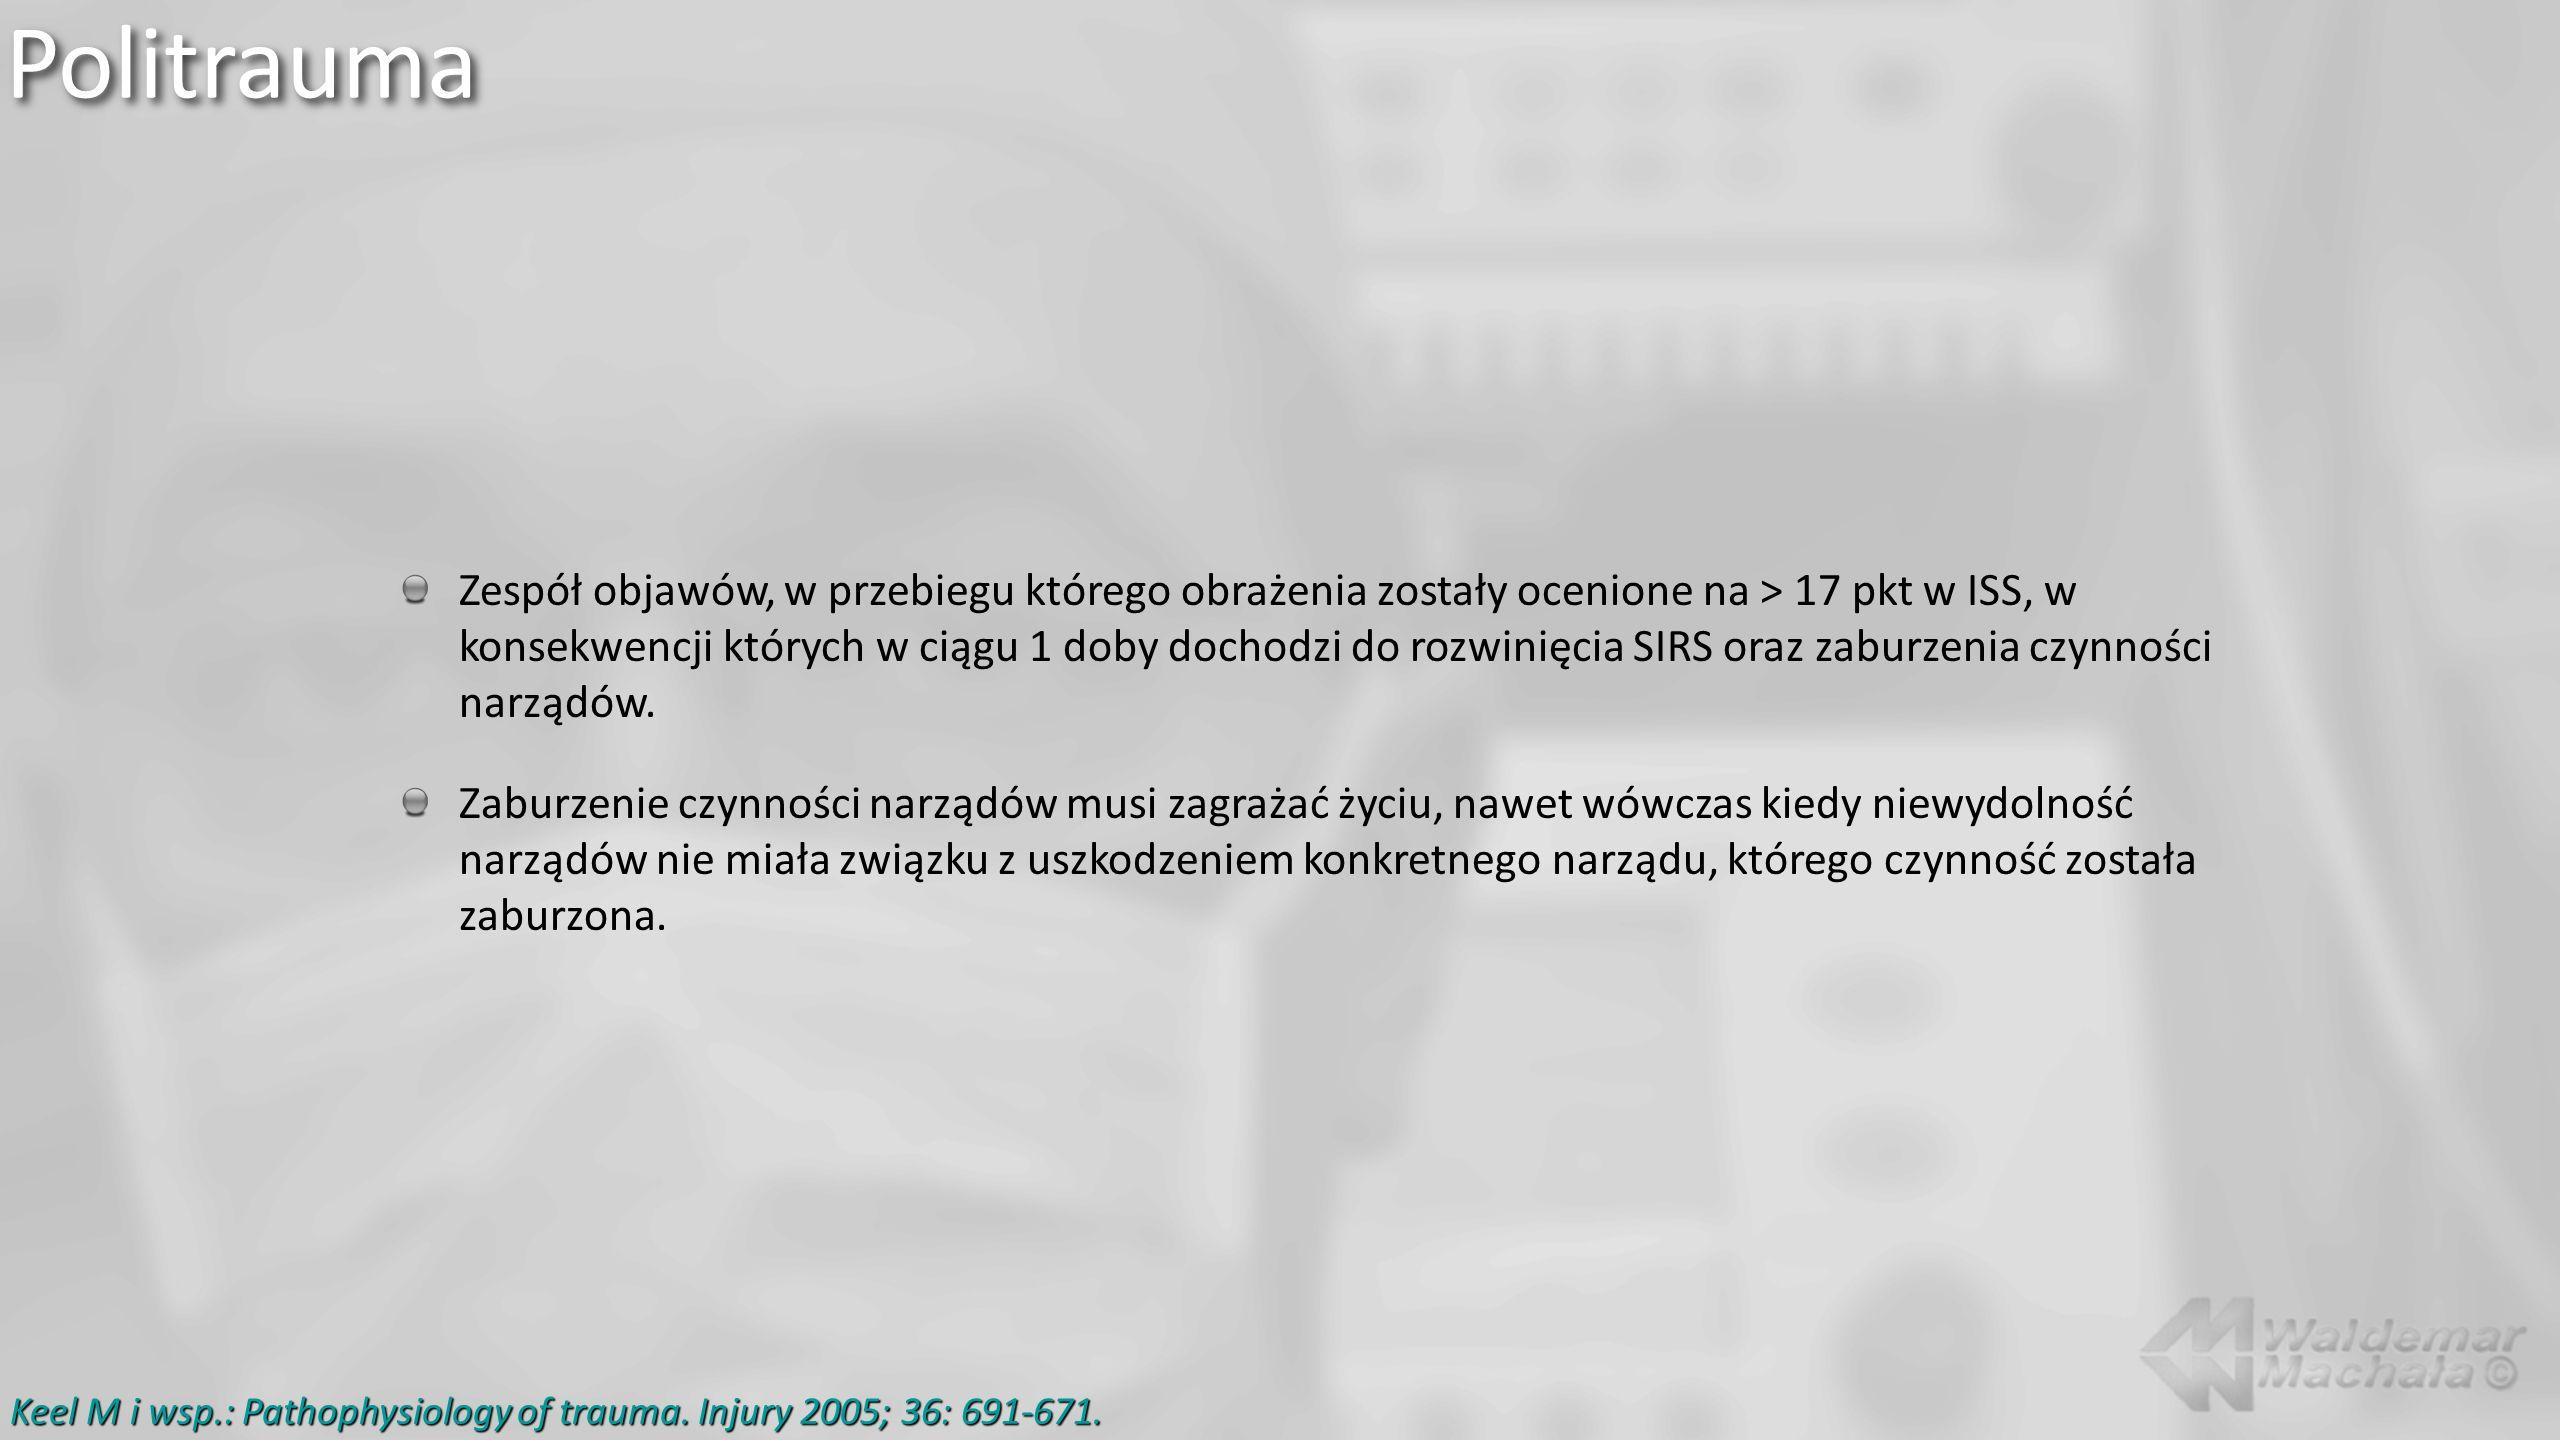 Zespół objawów, w przebiegu którego obrażenia zostały ocenione na > 17 pkt w ISS, w konsekwencji których w ciągu 1 doby dochodzi do rozwinięcia SIRS o